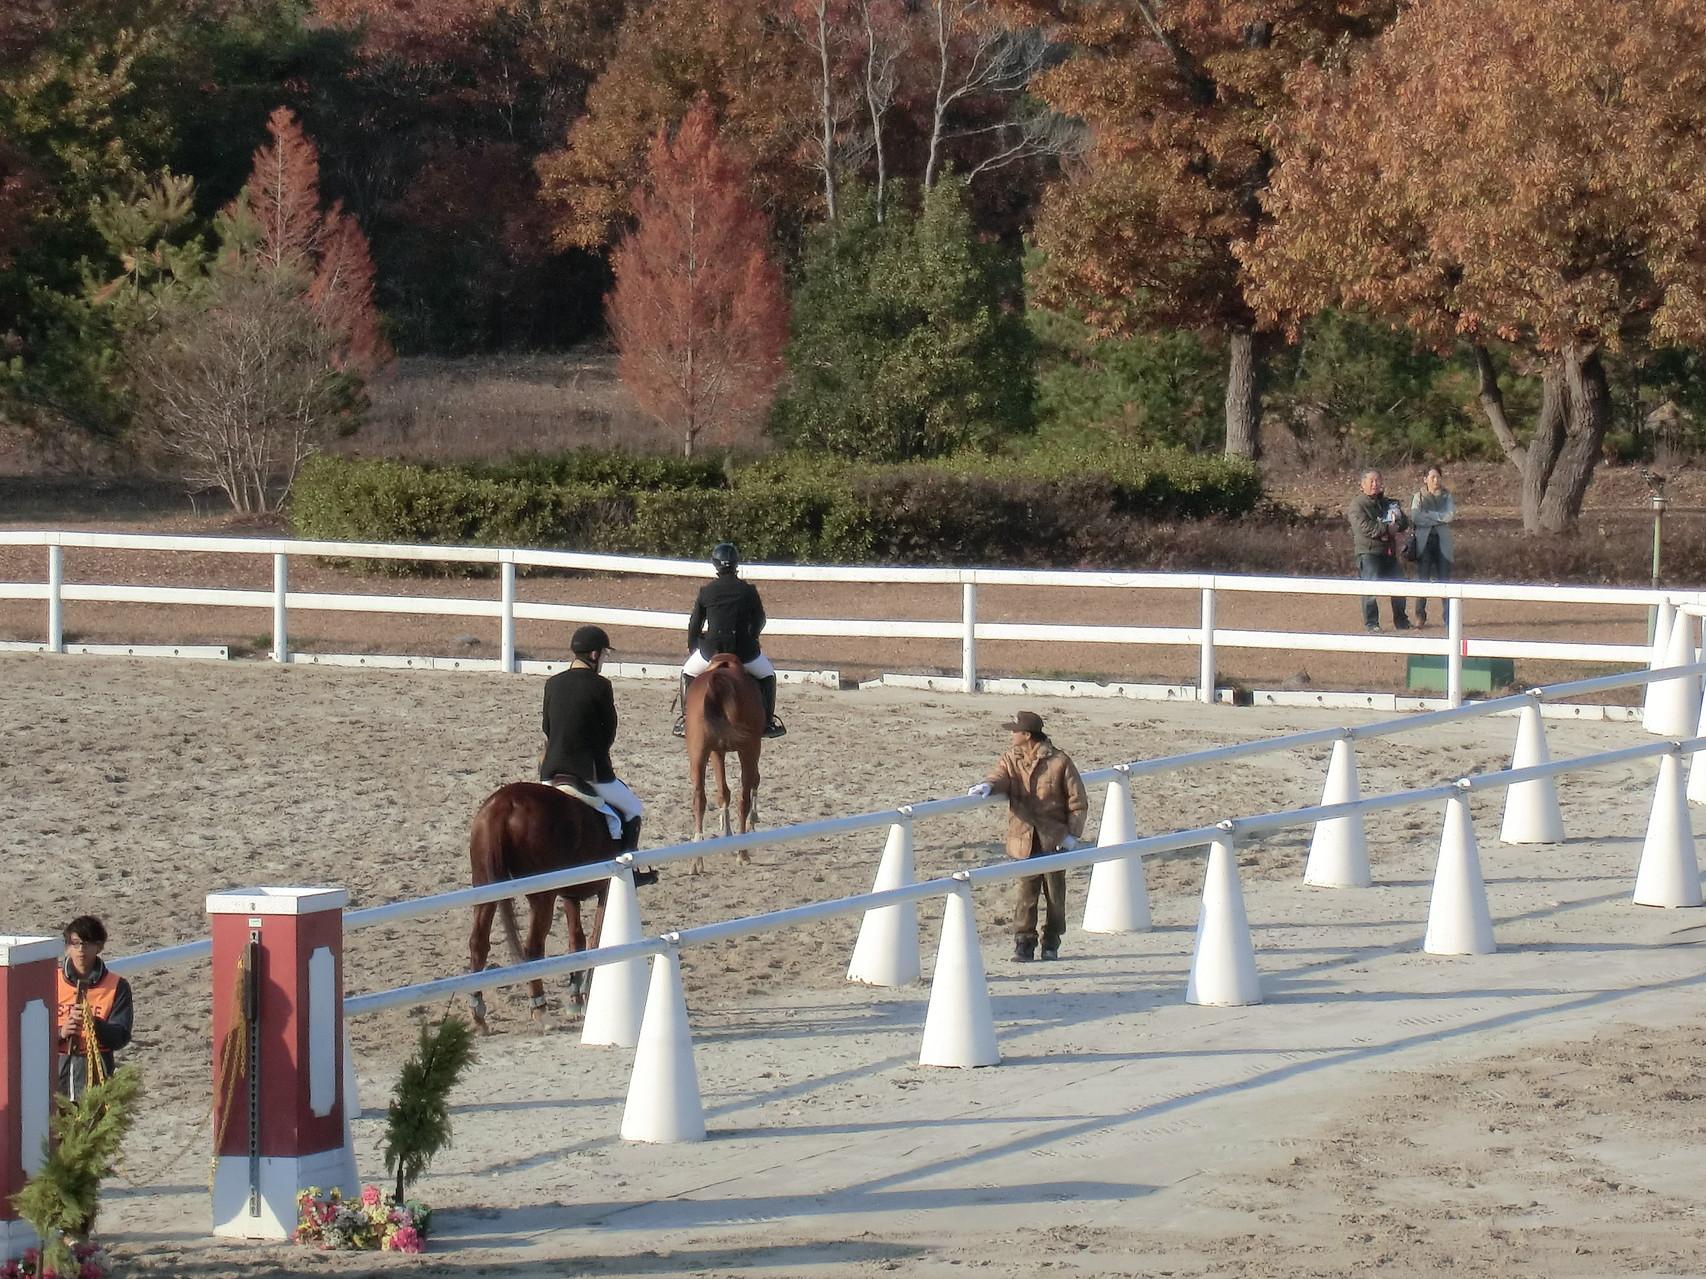 馬術競技会の様子